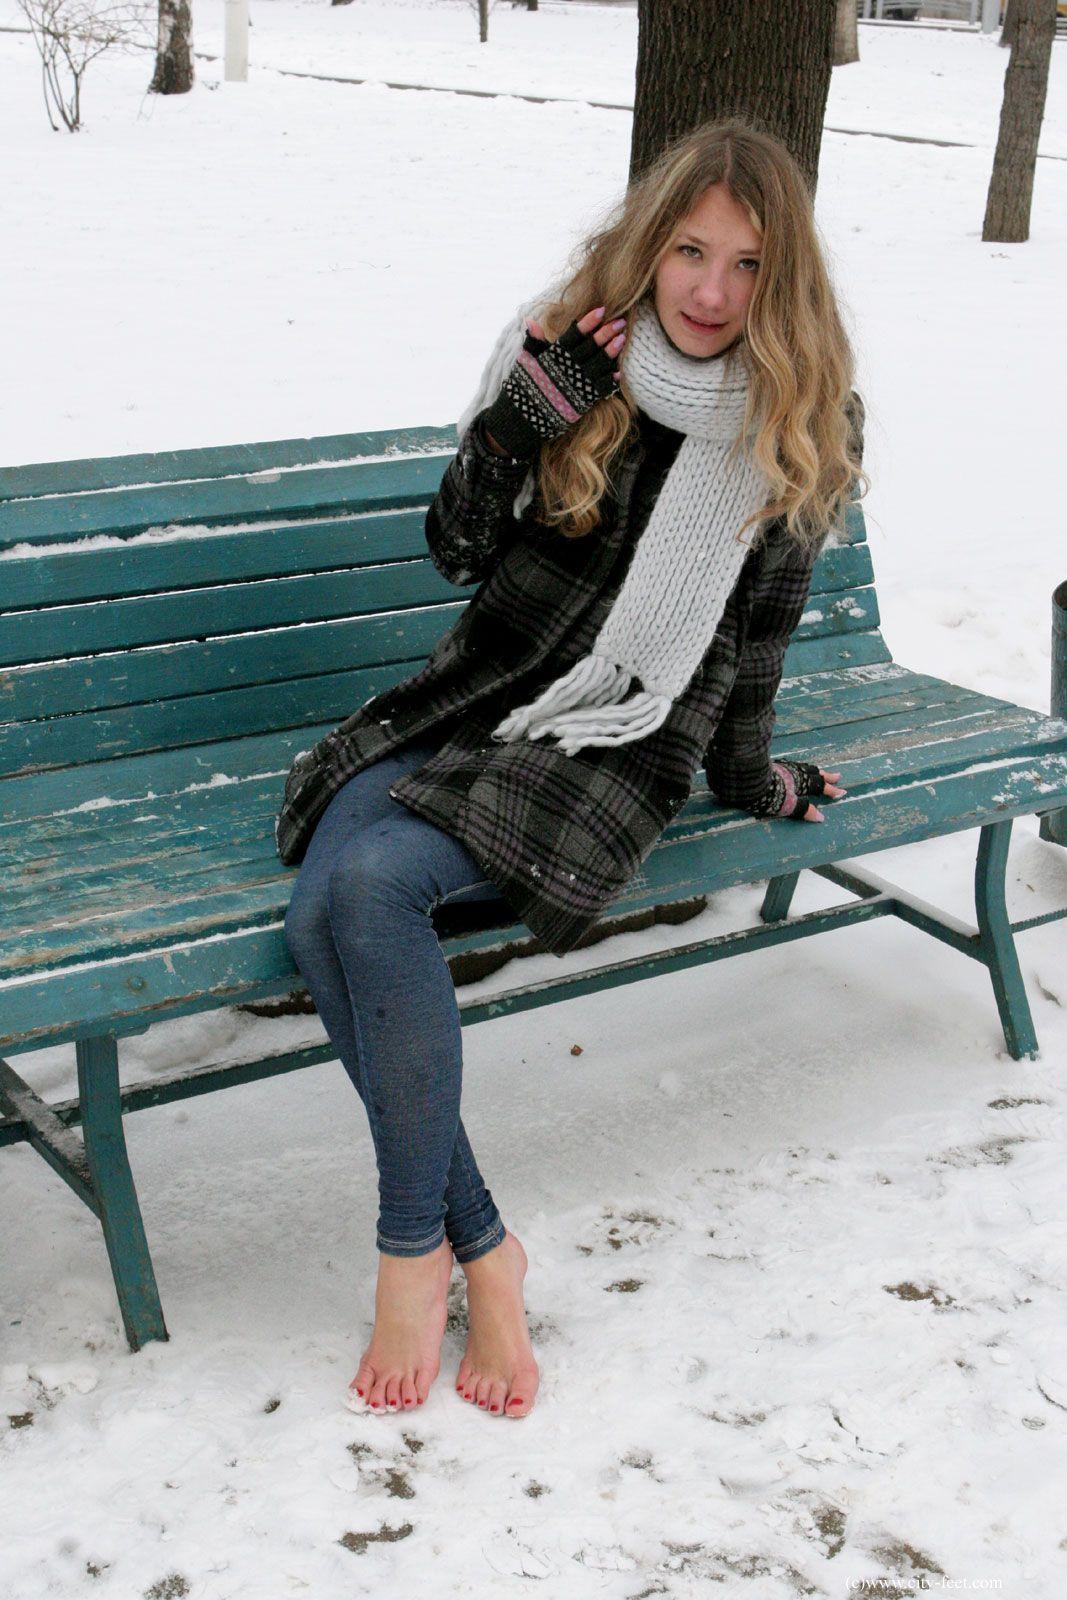 Share public barefoot teen girls